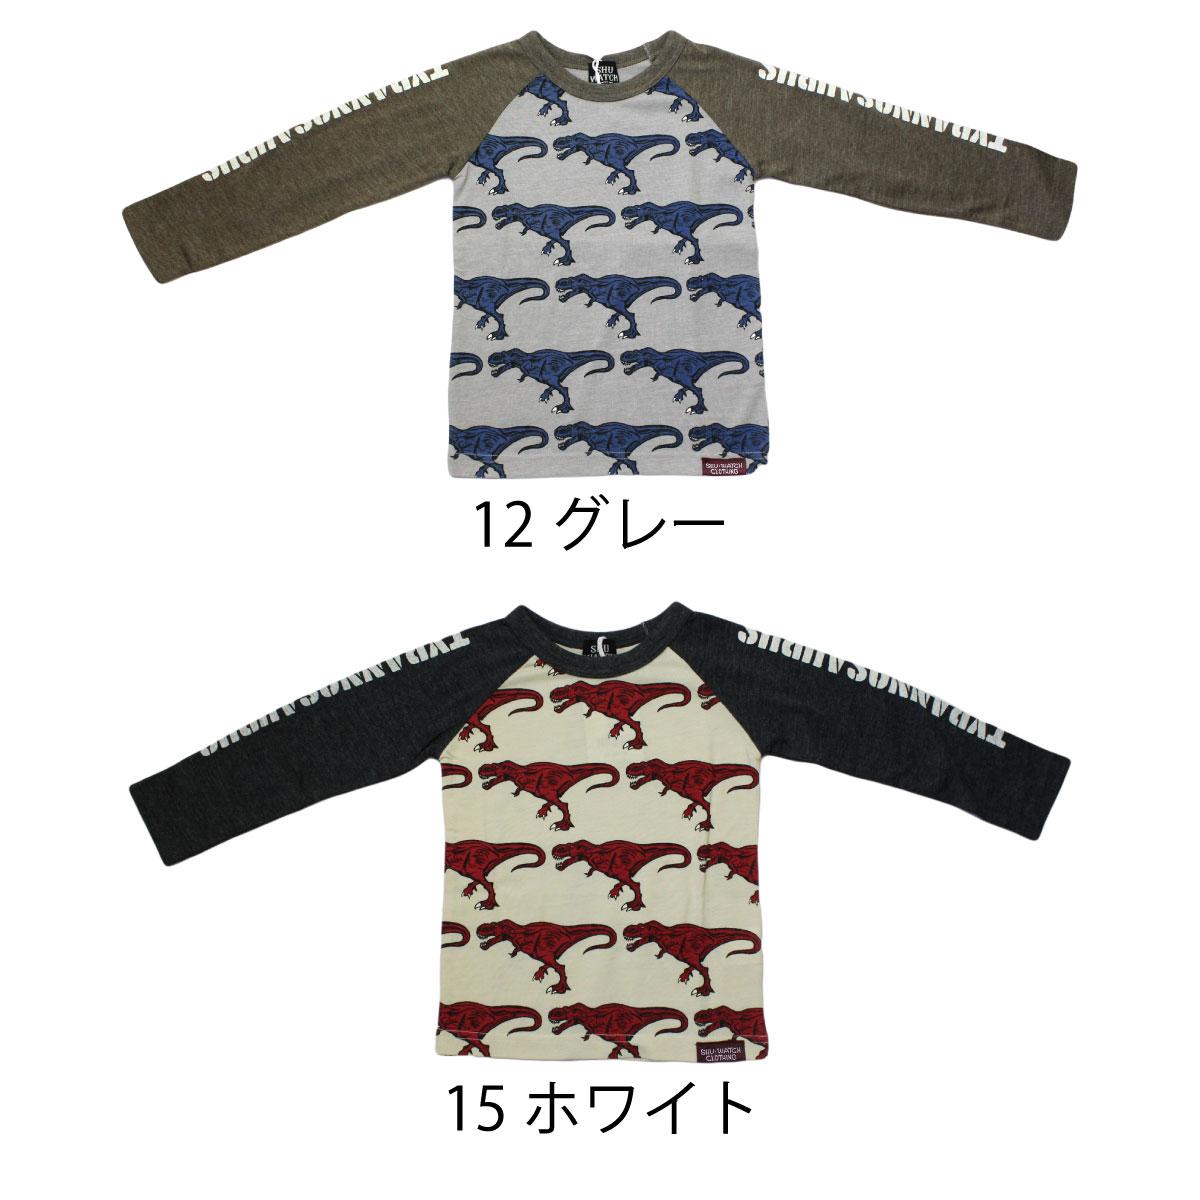 【セール】【ネコポス対応】【SiShuNon/SHUWATCH】ティラノザウルスTシャツ 長袖 男の子 Tシャツ キョウリュウ 恐竜